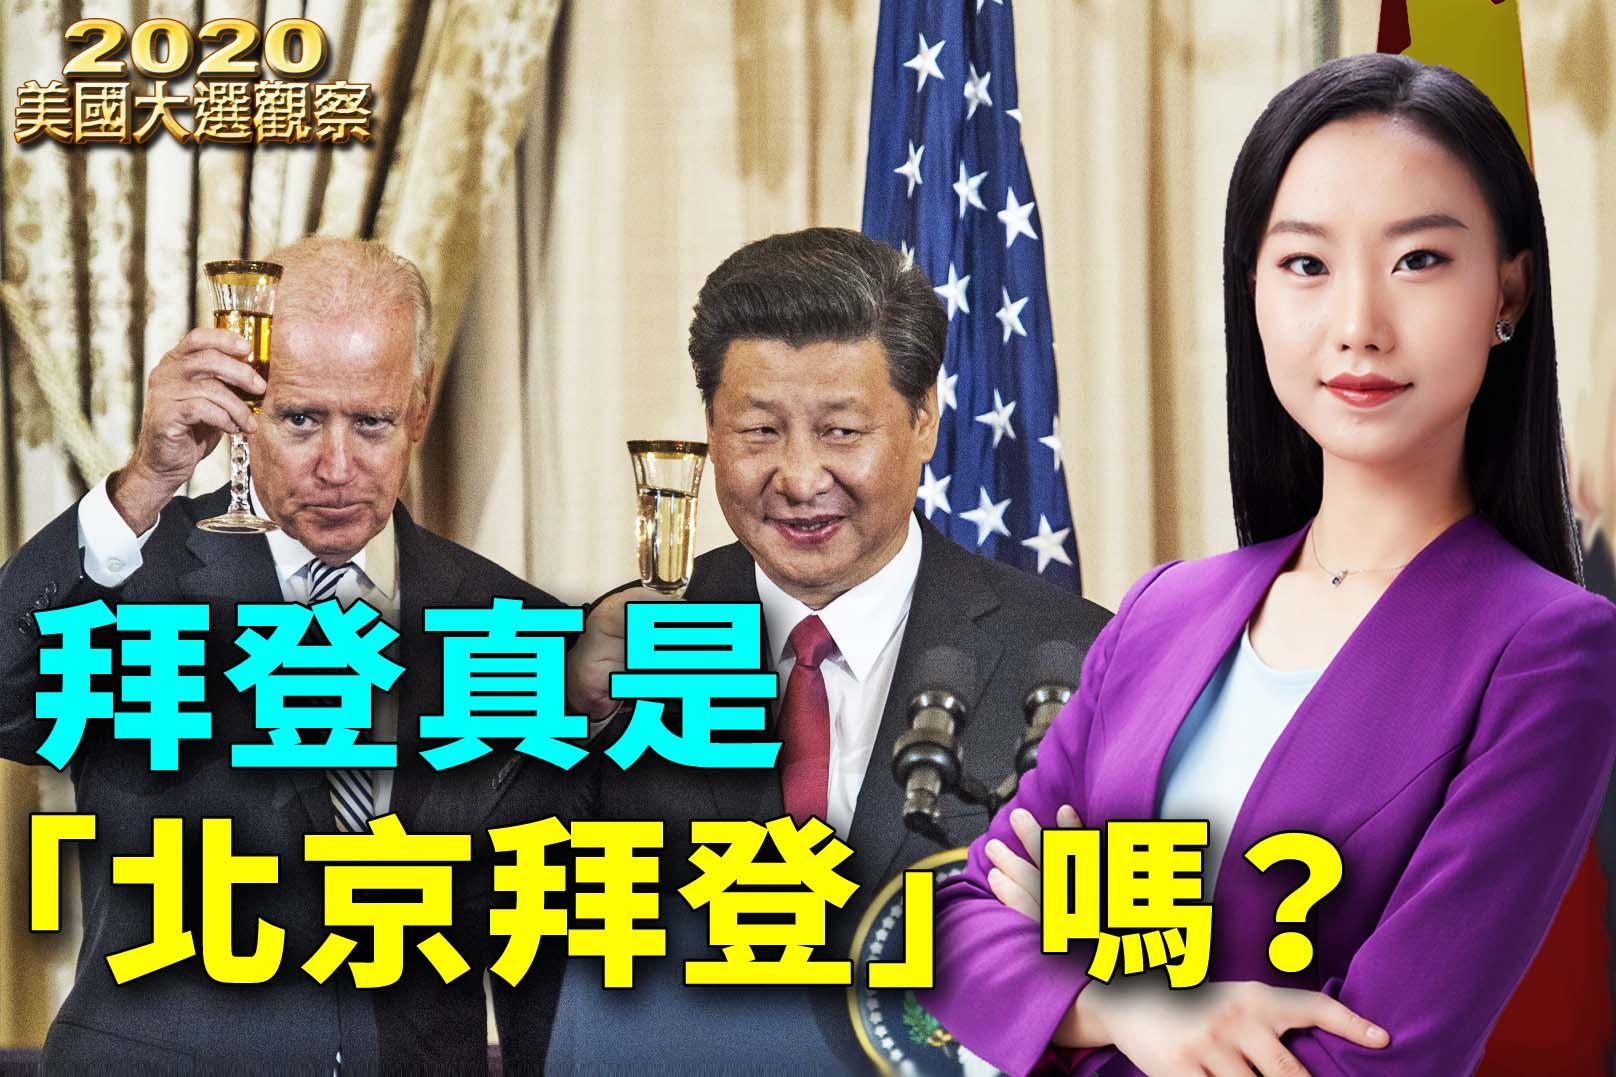 拜登真是「北京拜登」嗎?從政整整47年的拜登,歷年來對中國有過些哪些表態?他真像特朗普所說的,對中共卑躬屈膝,是中共的「棋子」嗎?這其中有甚麼演變?(Getty Images/大紀元合成圖)